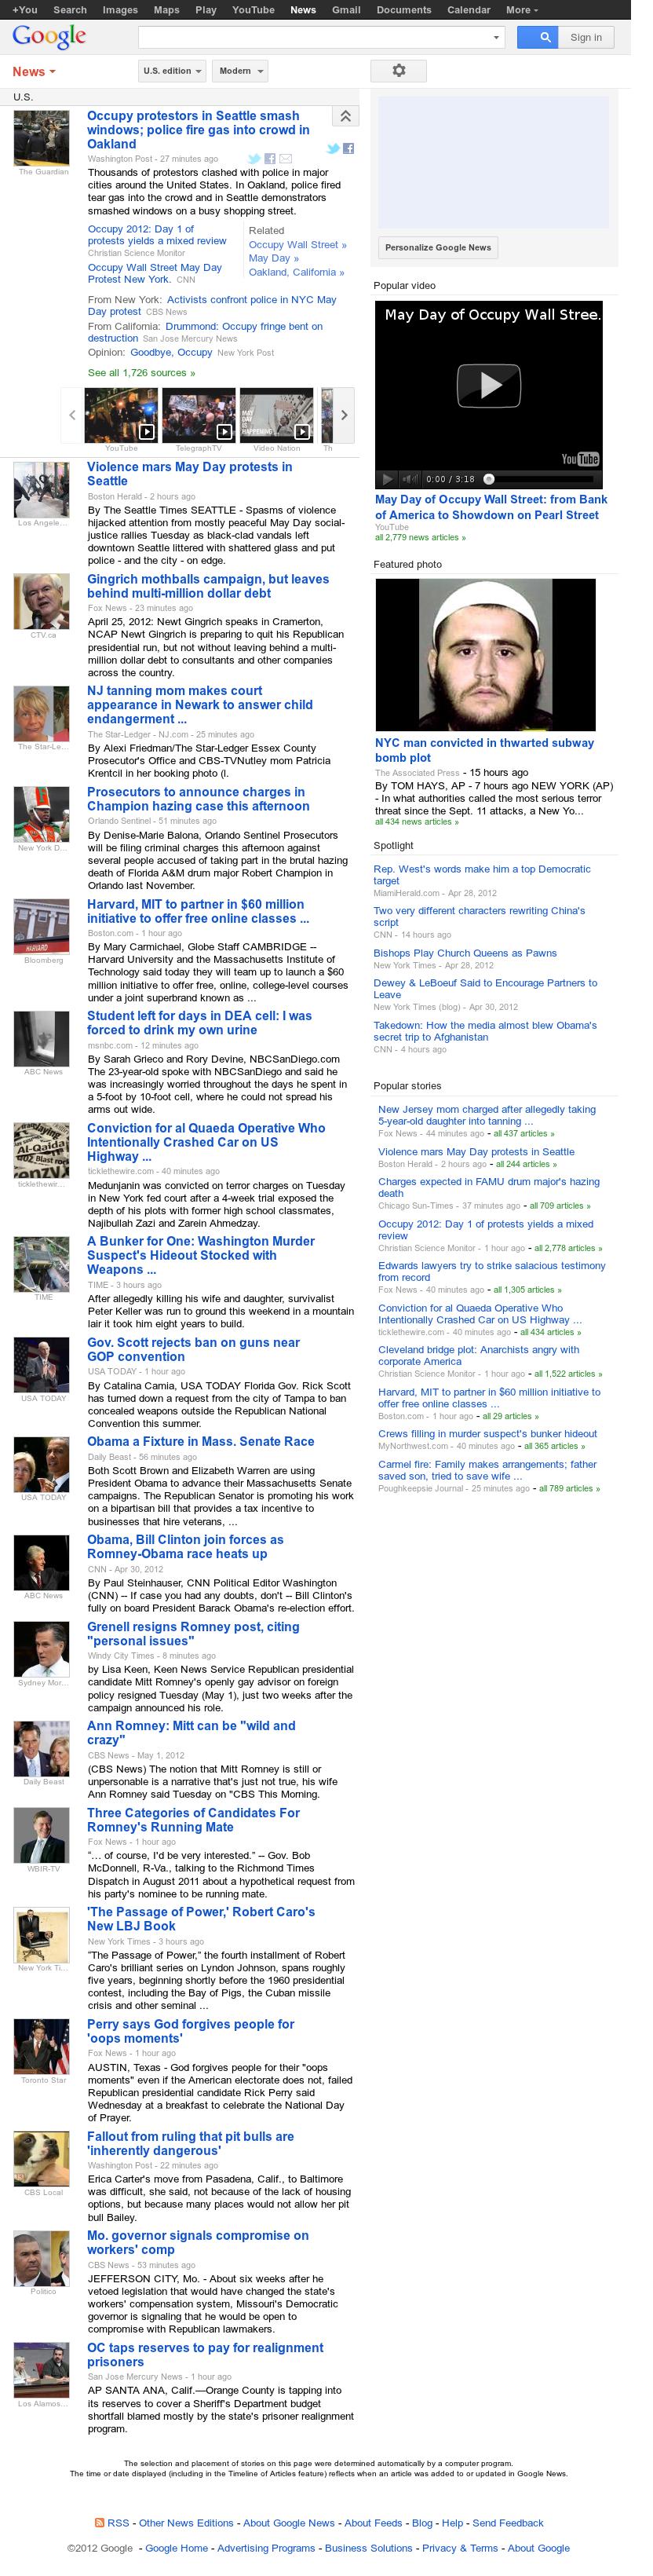 Google News: U.S. at Wednesday May 2, 2012, 3:07 p.m. UTC